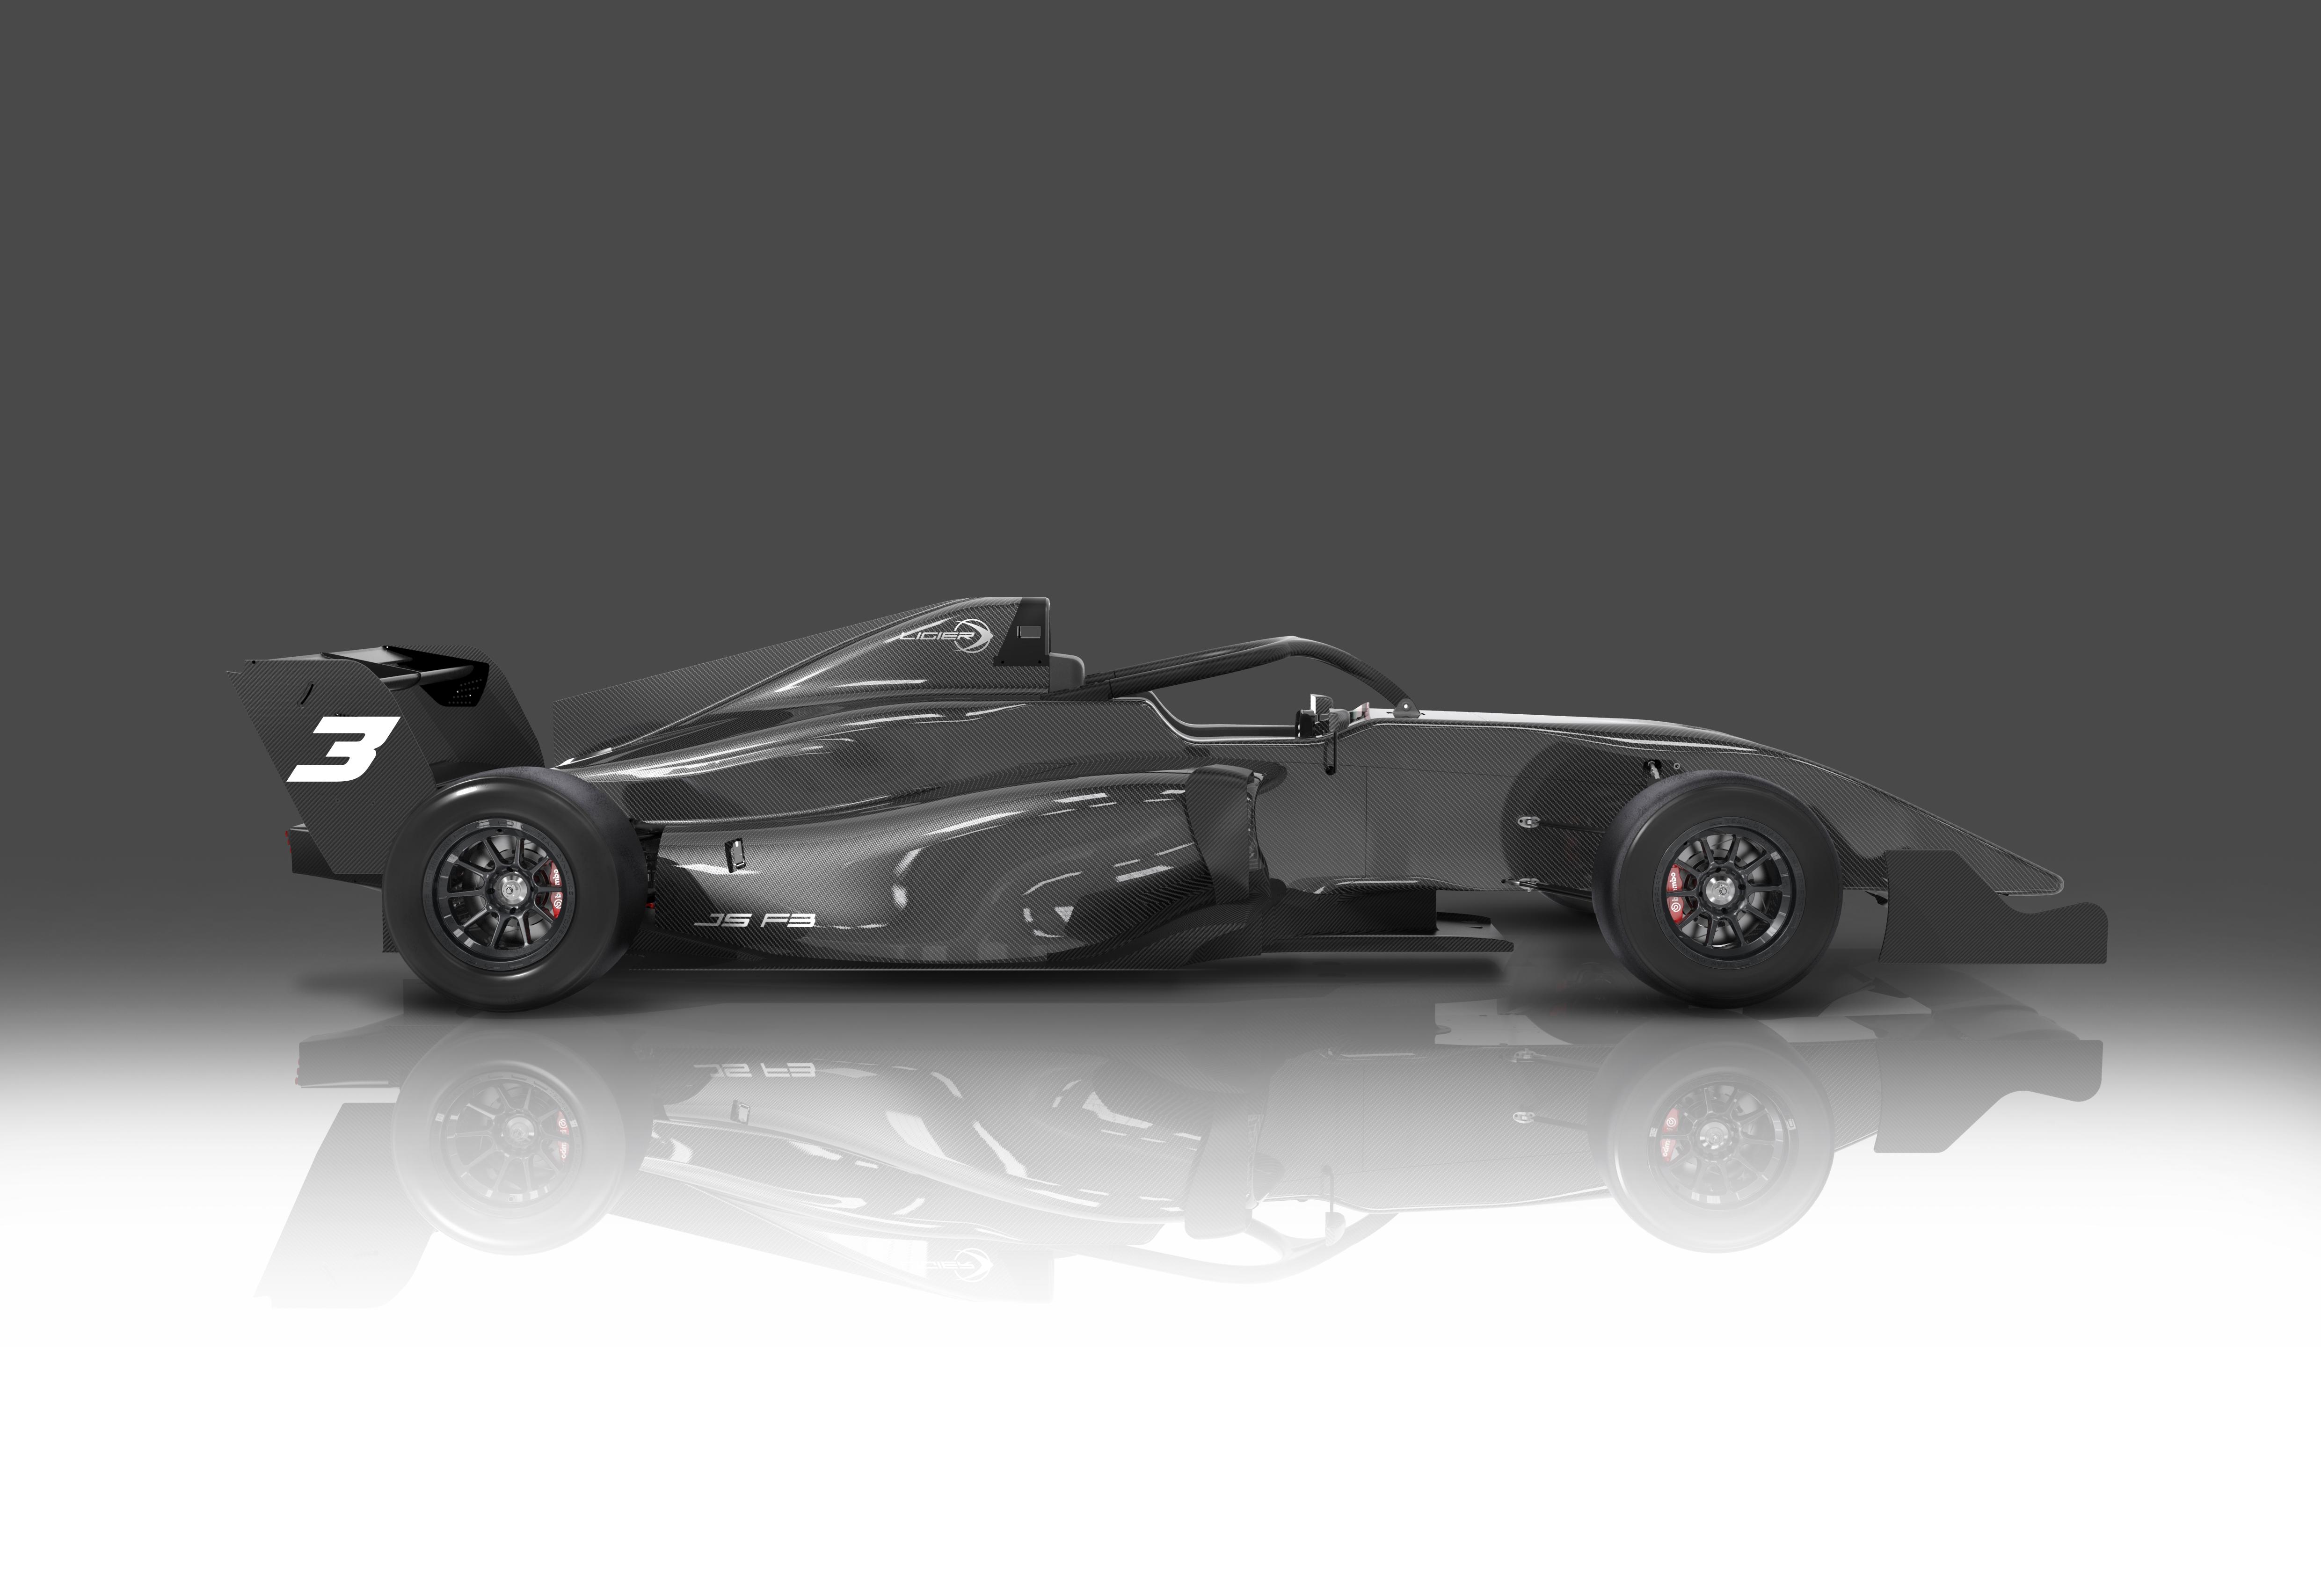 Ligier JS F3